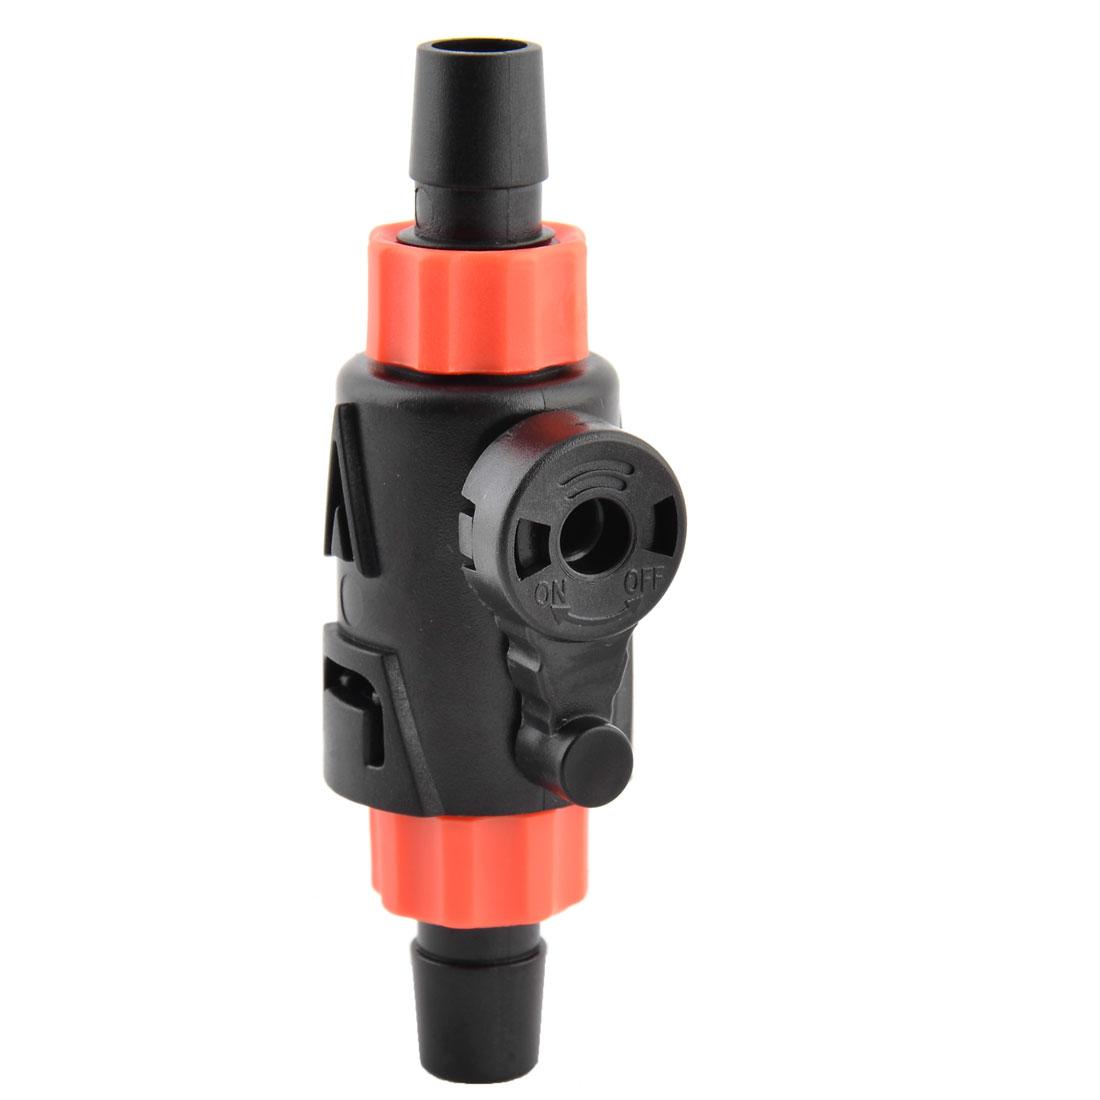 Aquarium Water Flow Control Valve Hose Pipe Connector Adapter 9mm Inner Dia